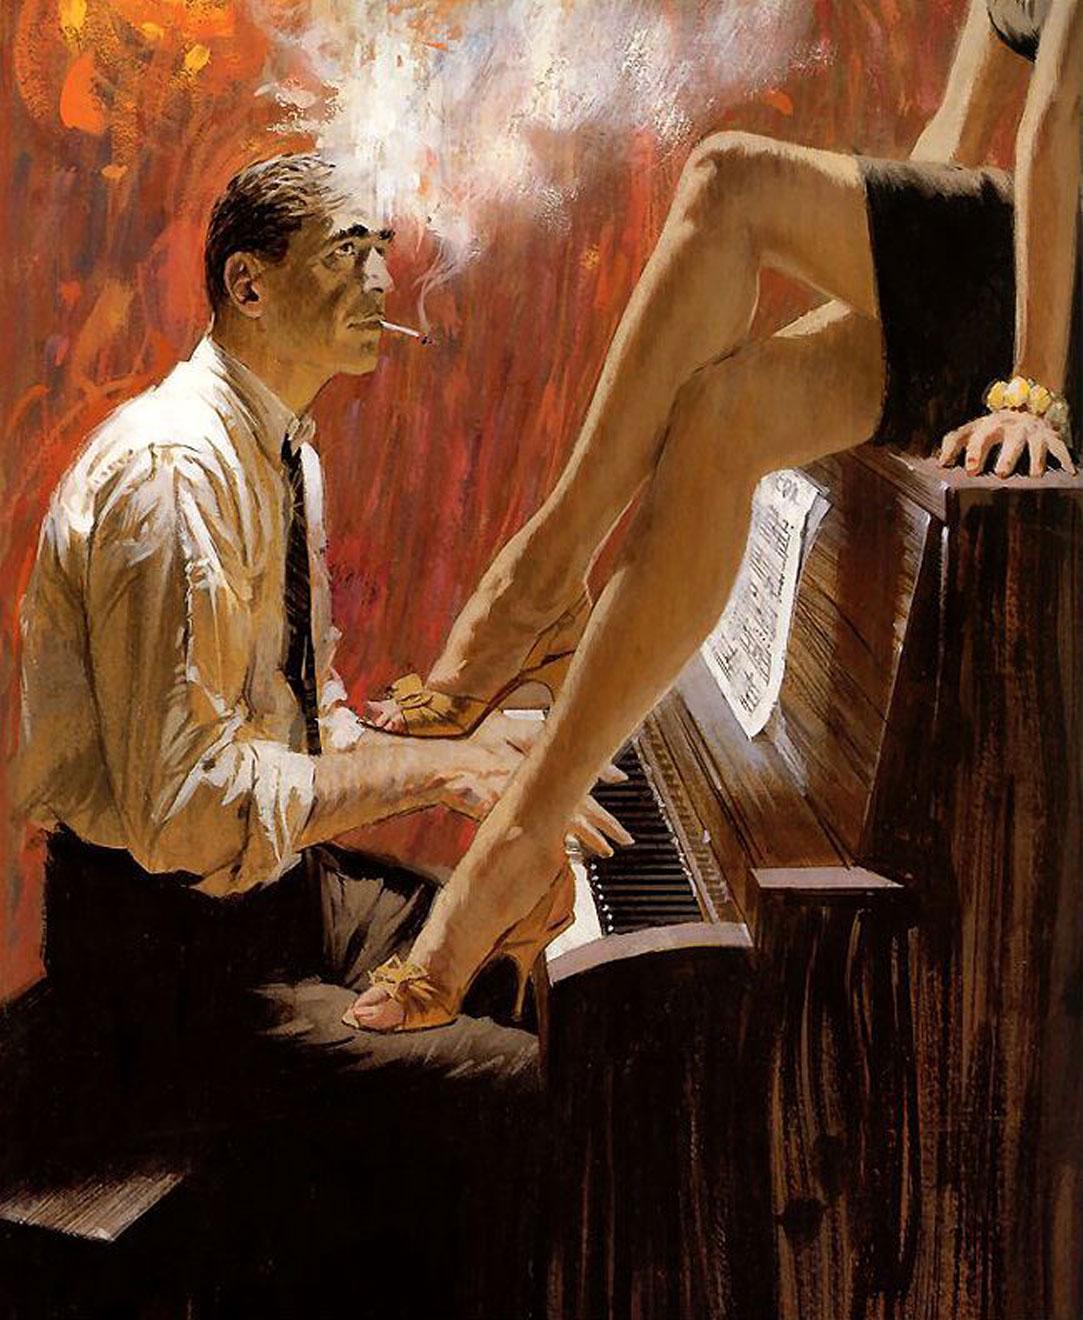 Секс на пианино мужчина послушал 20 фотография